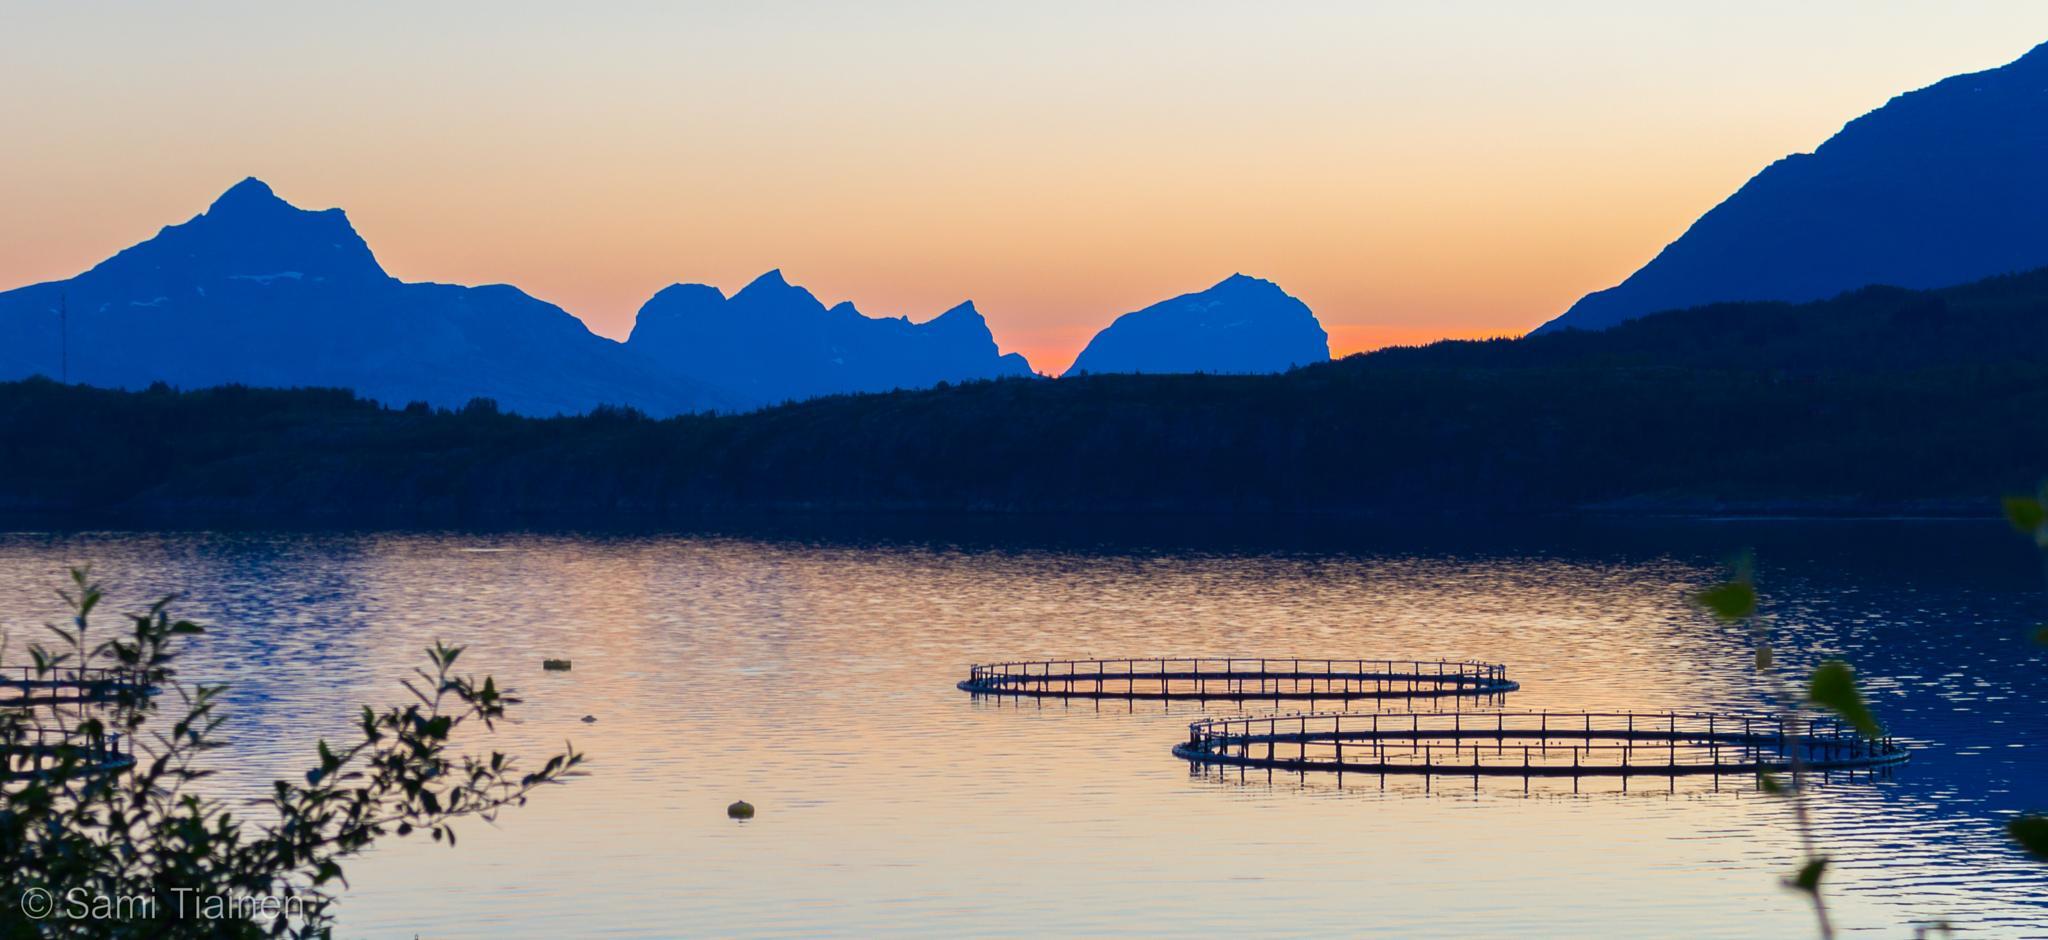 Sunset by Sami Tiainen